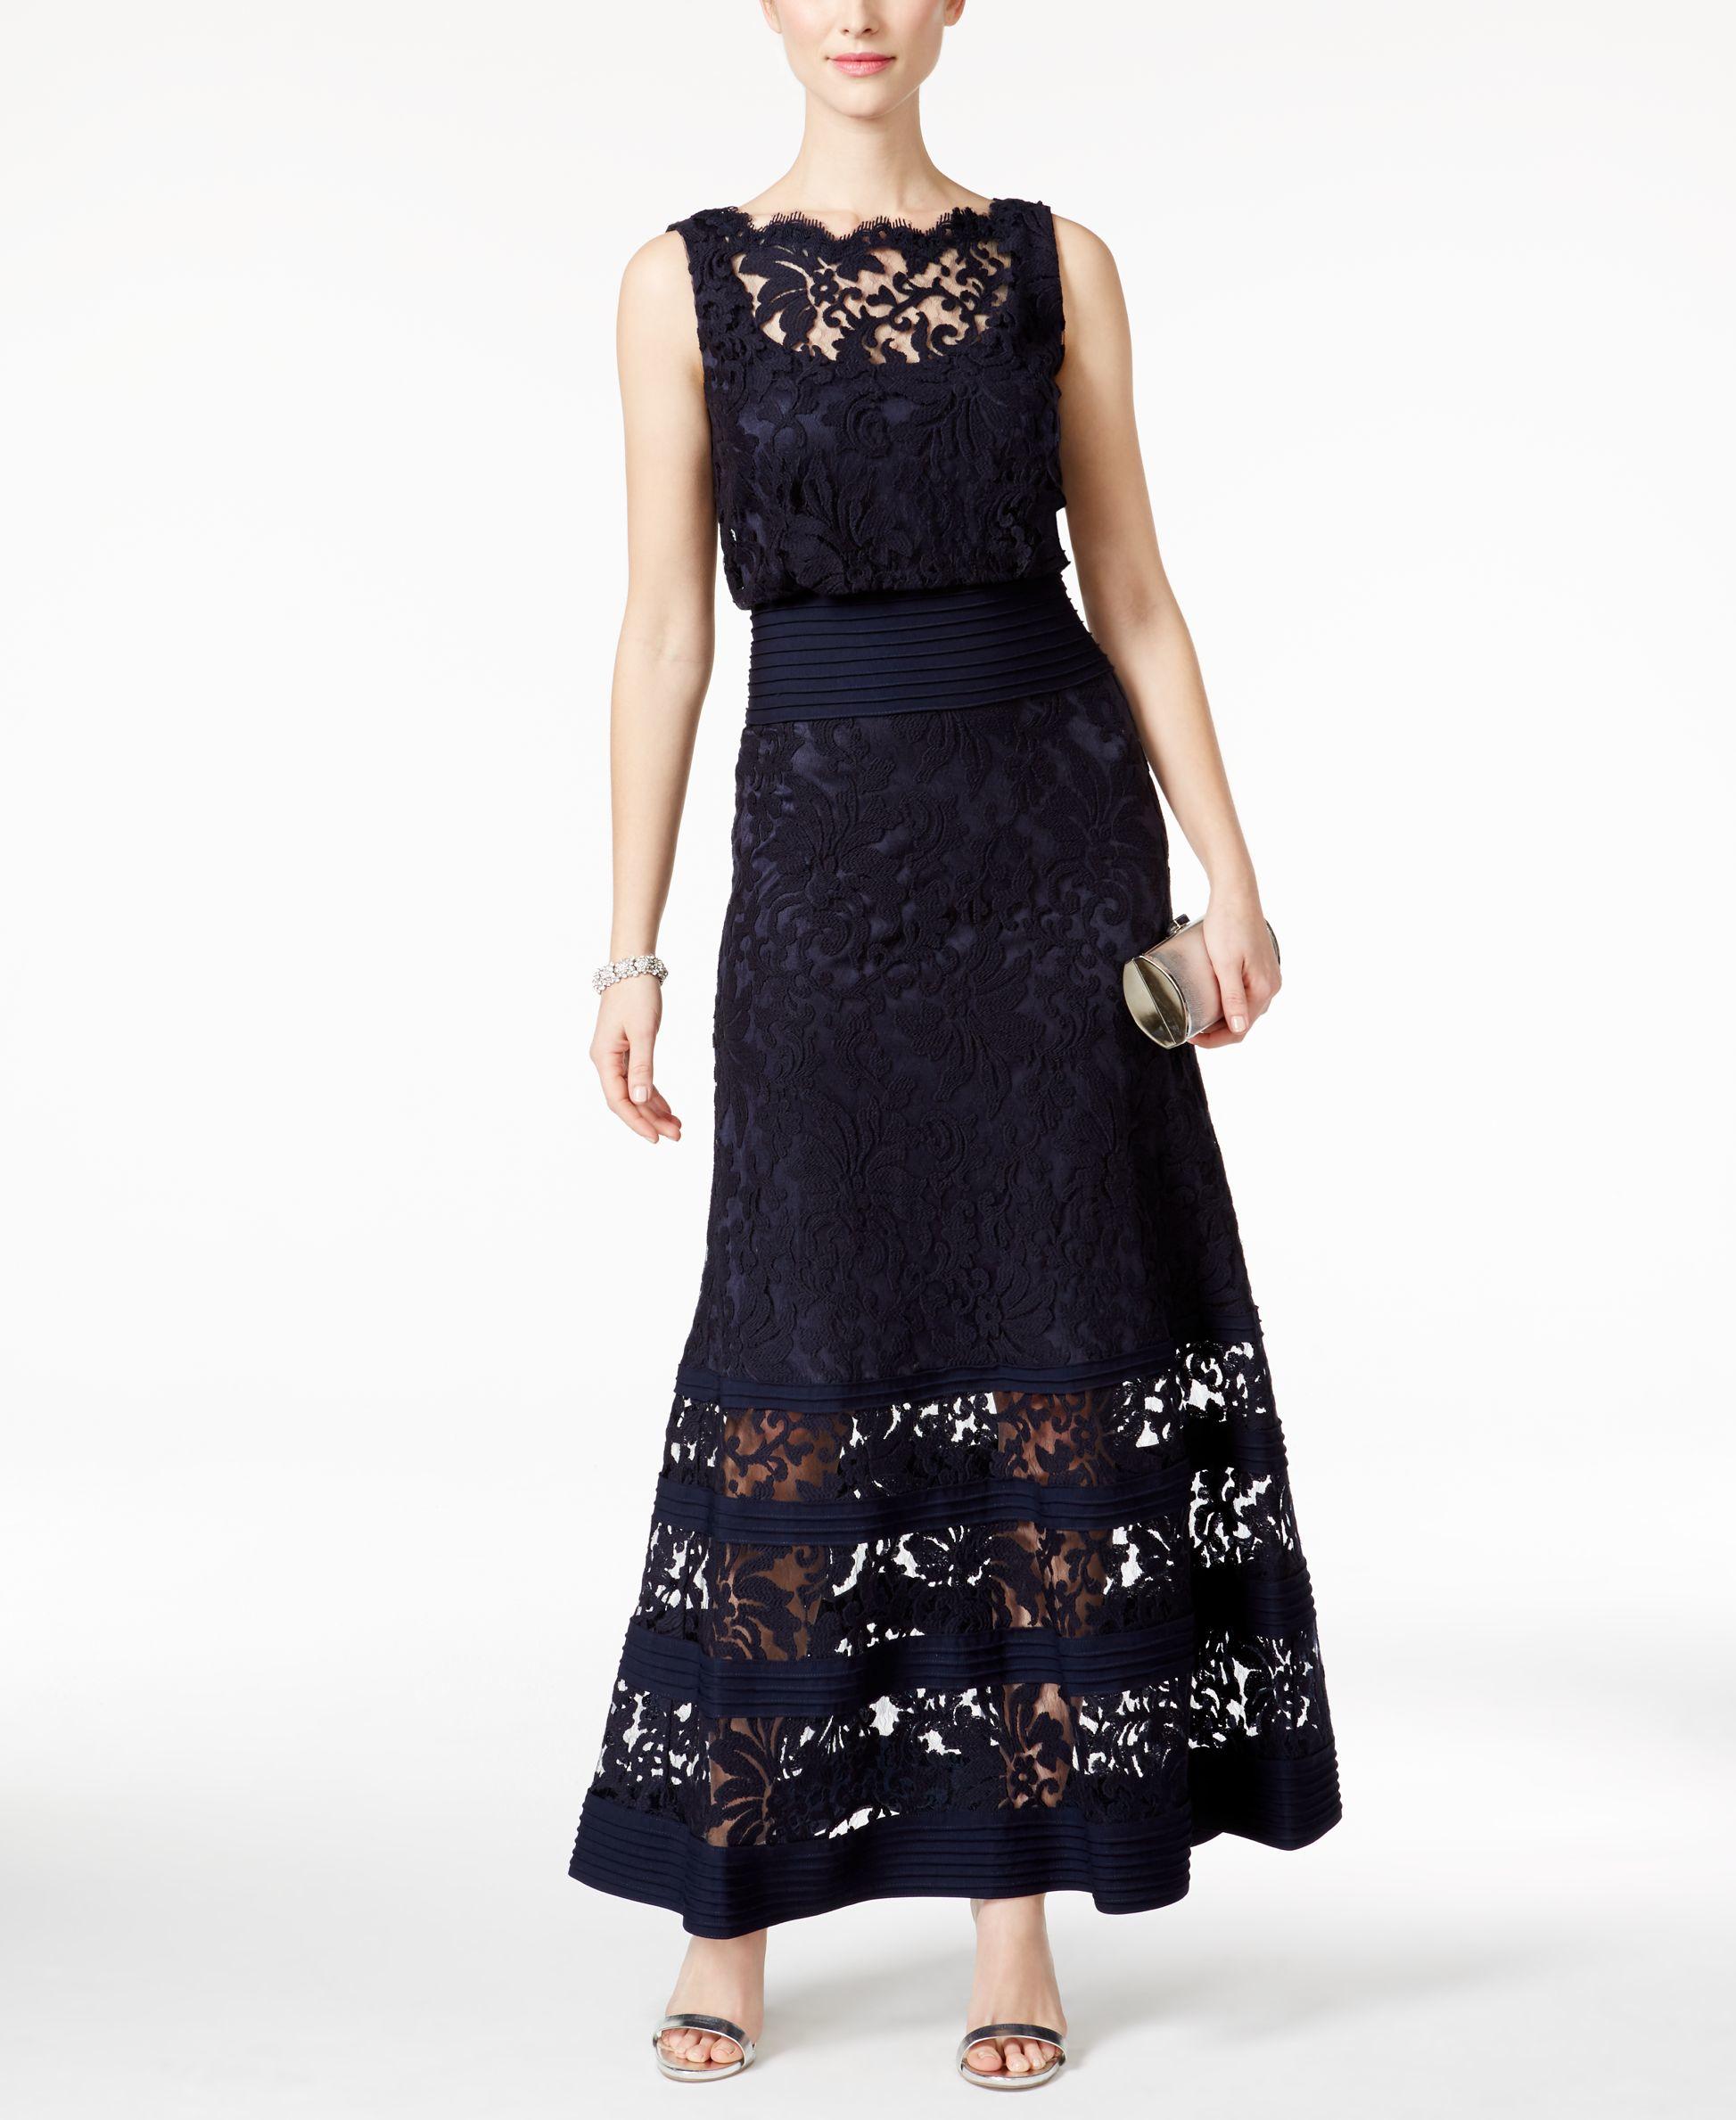 ab265ea4fd31 Lyst - Tadashi Shoji Lace-detail Dress in Blue